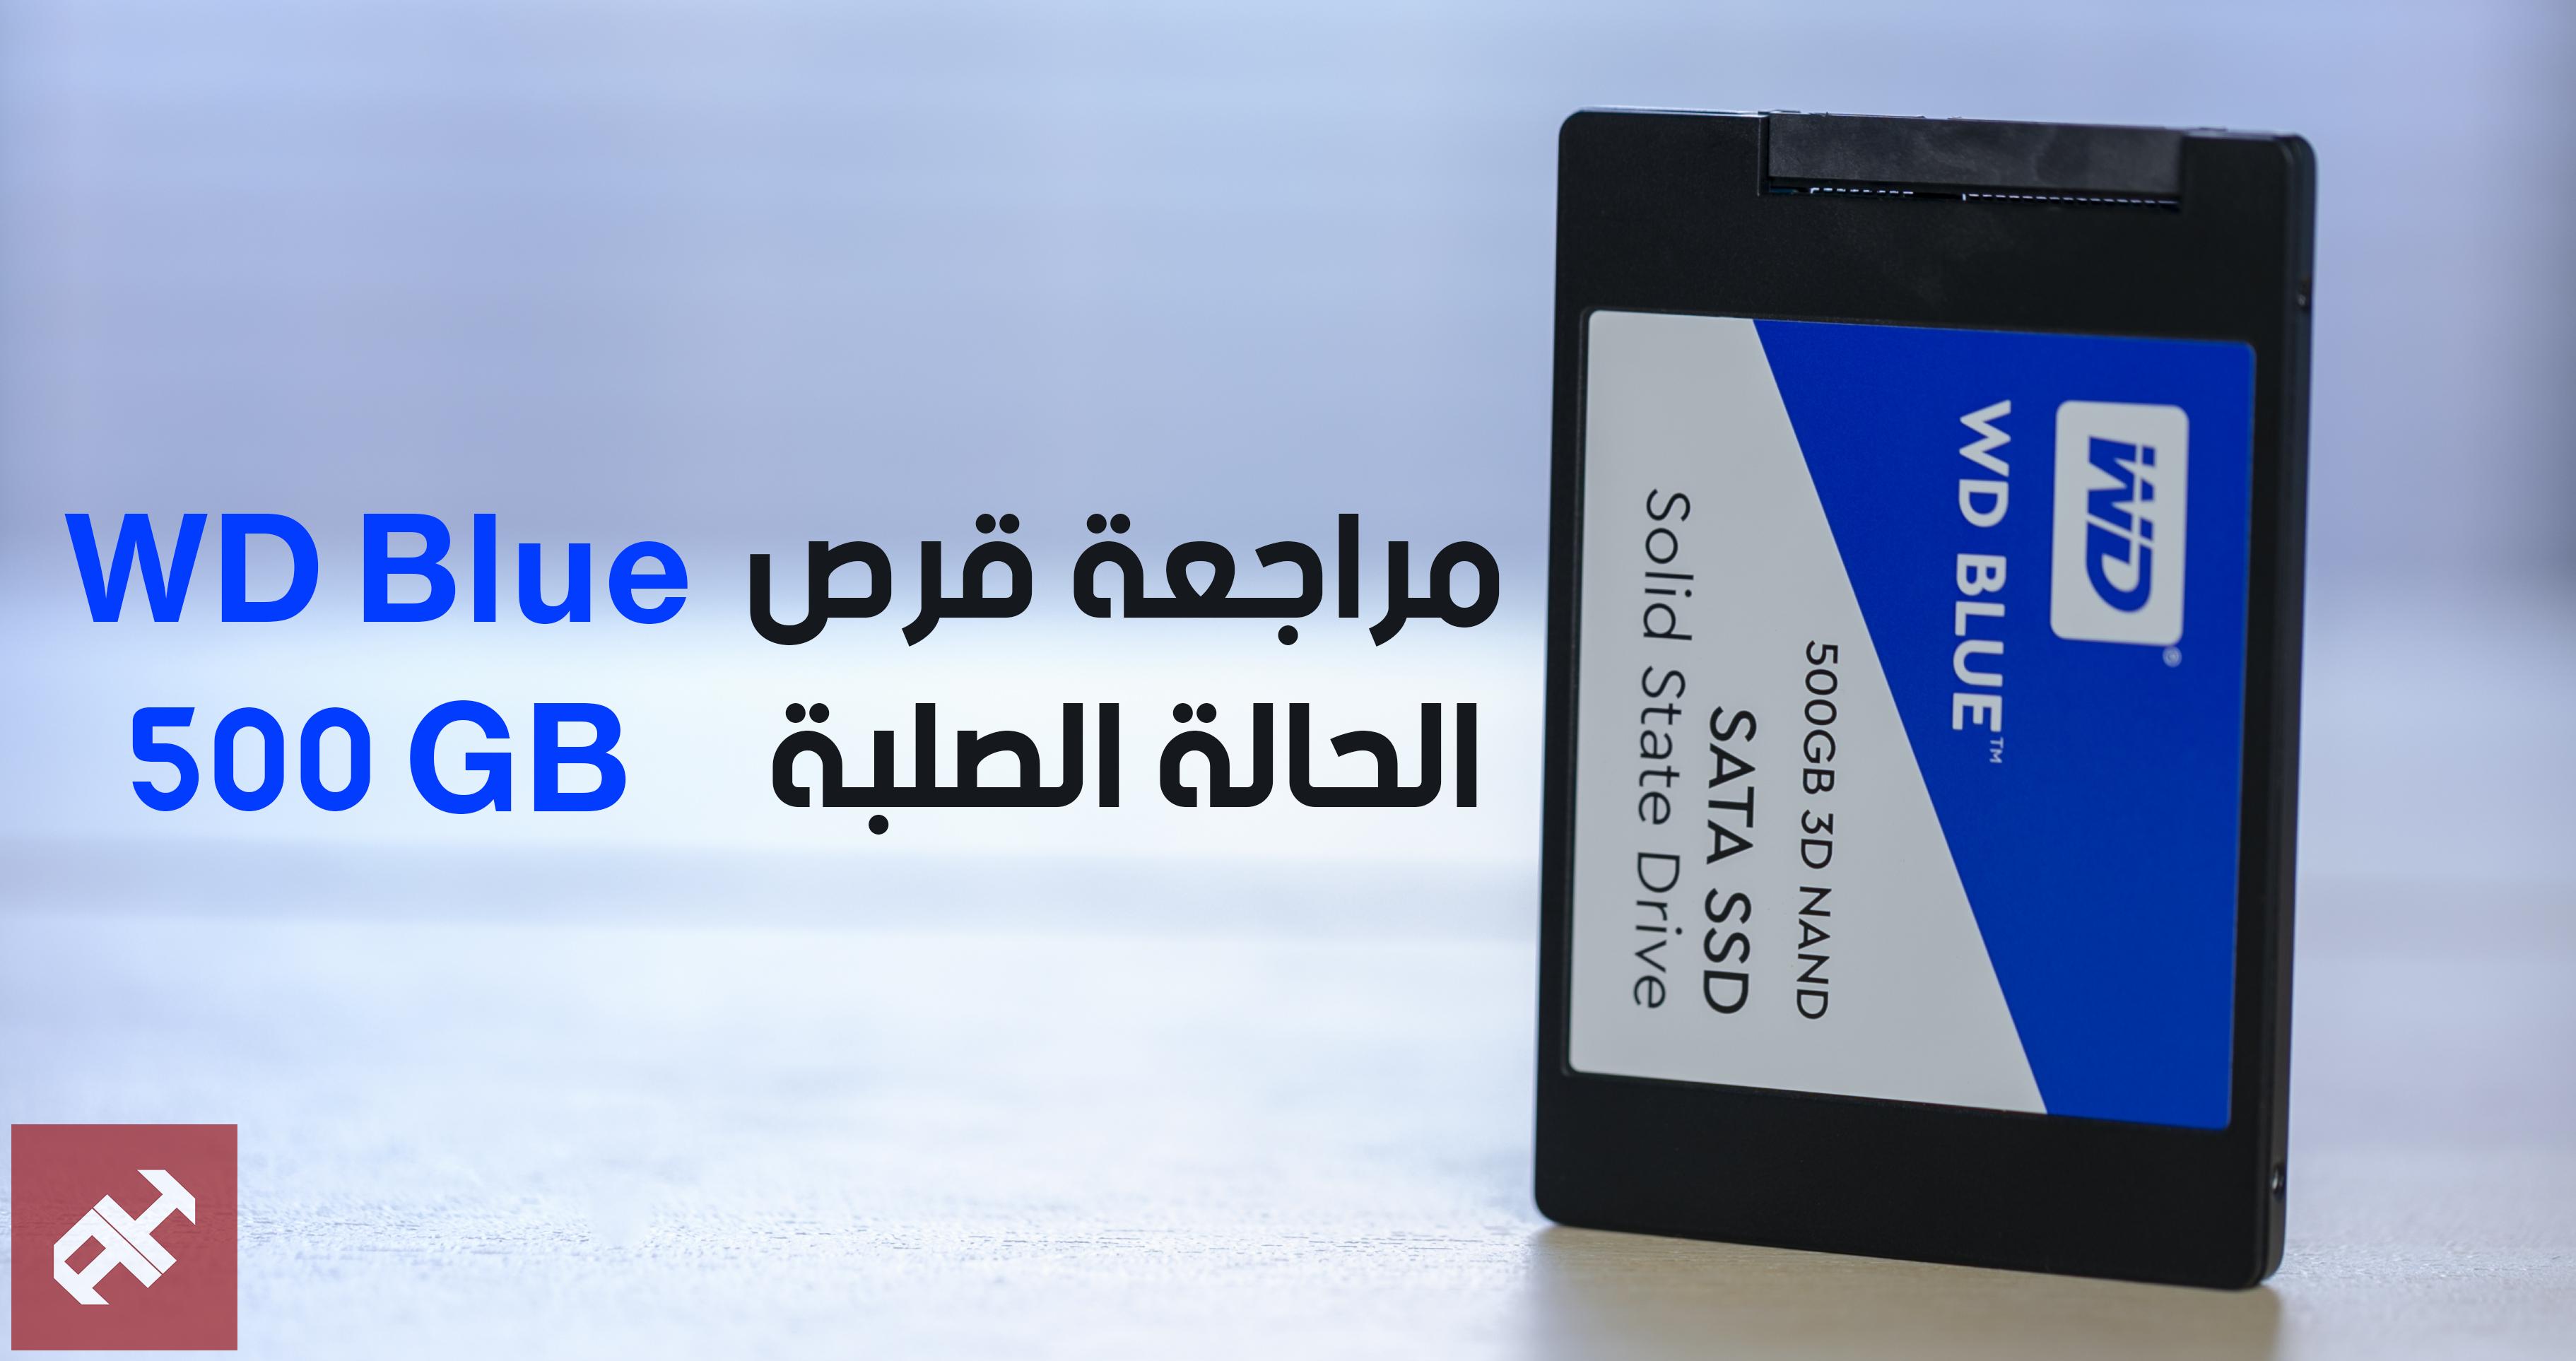 Western Digital WD Blue 500GB SSD (1)